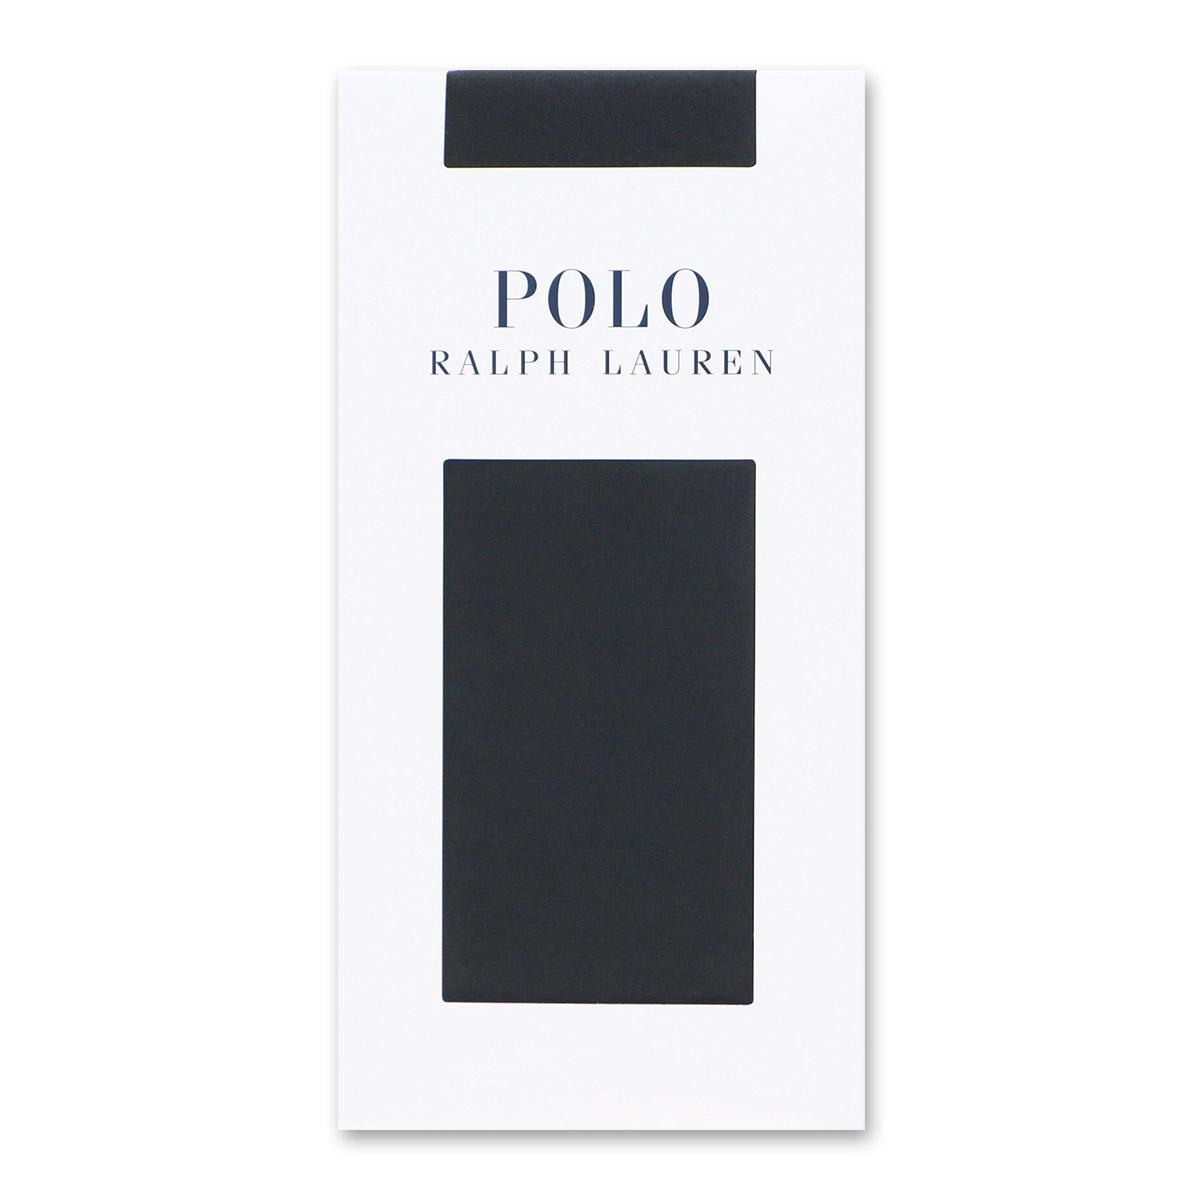 POLO RALPH LAUREN ポロ ラルフローレン|ウィメンズ 50デニール プレーティング タイツ|シルクプロテイン加工 ソフトな肌触り|186-3555【ゆうパケット・2点まで】